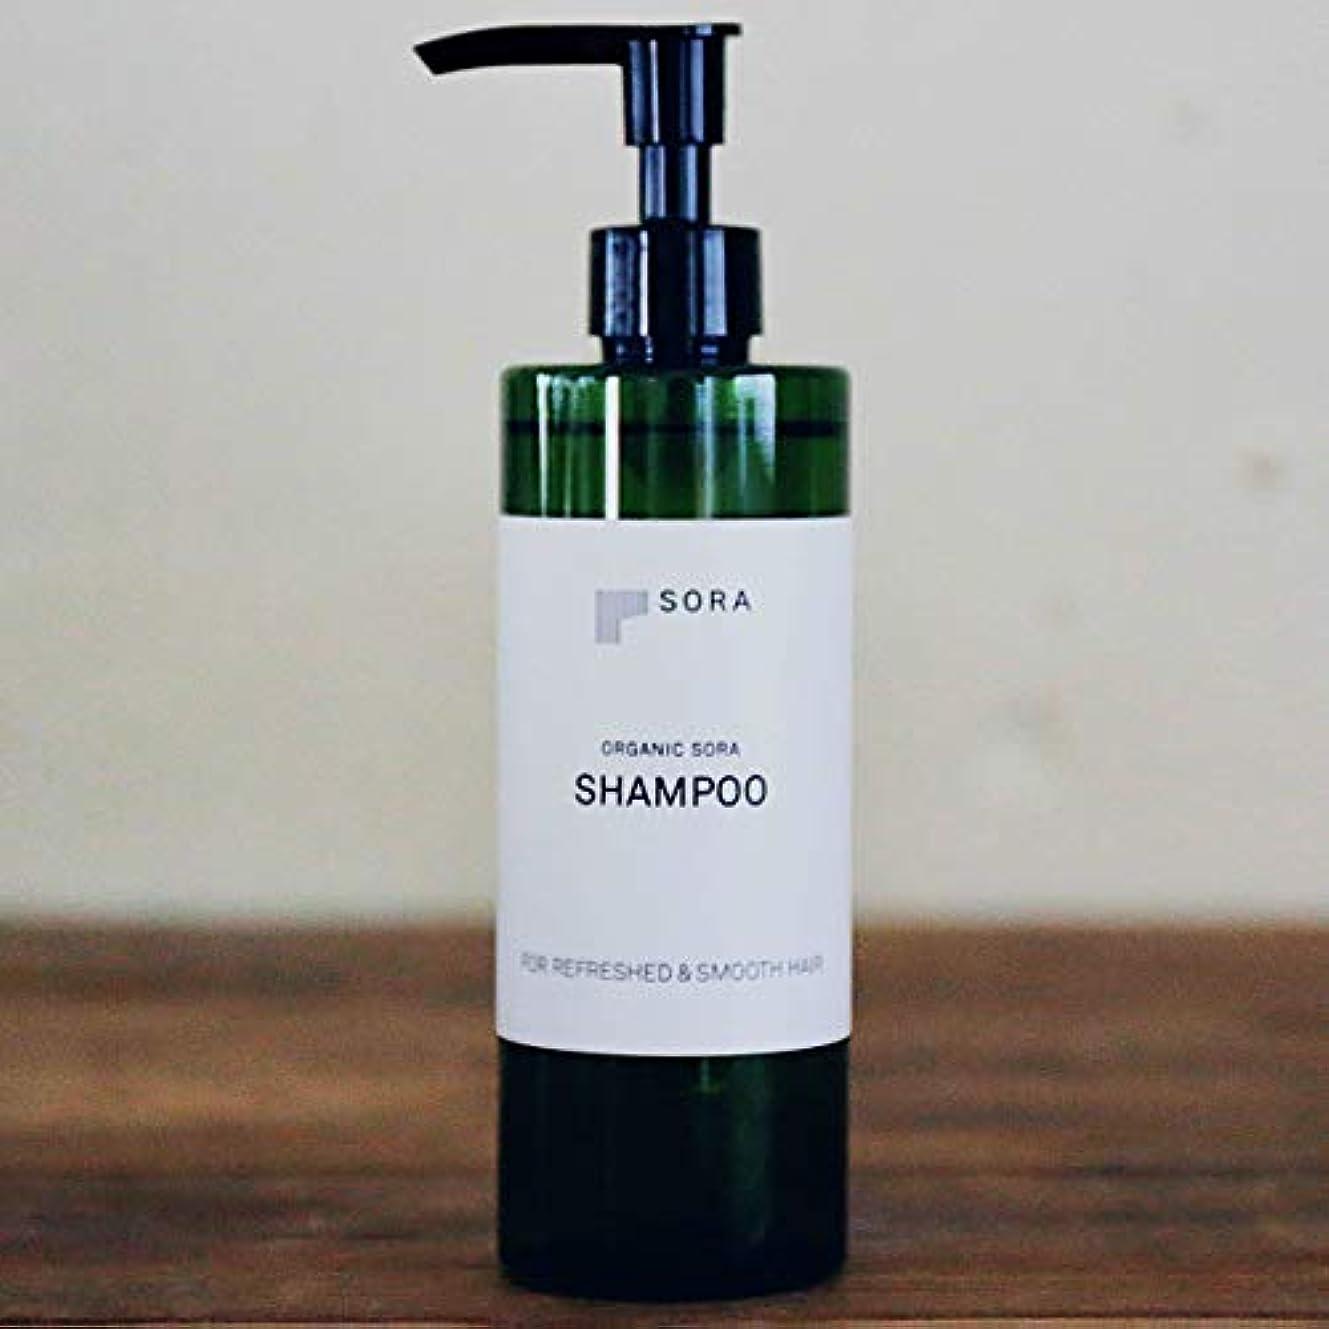 大西洋急流持っているORGANIC SORA SHAMPOO【レモンベースの香り】